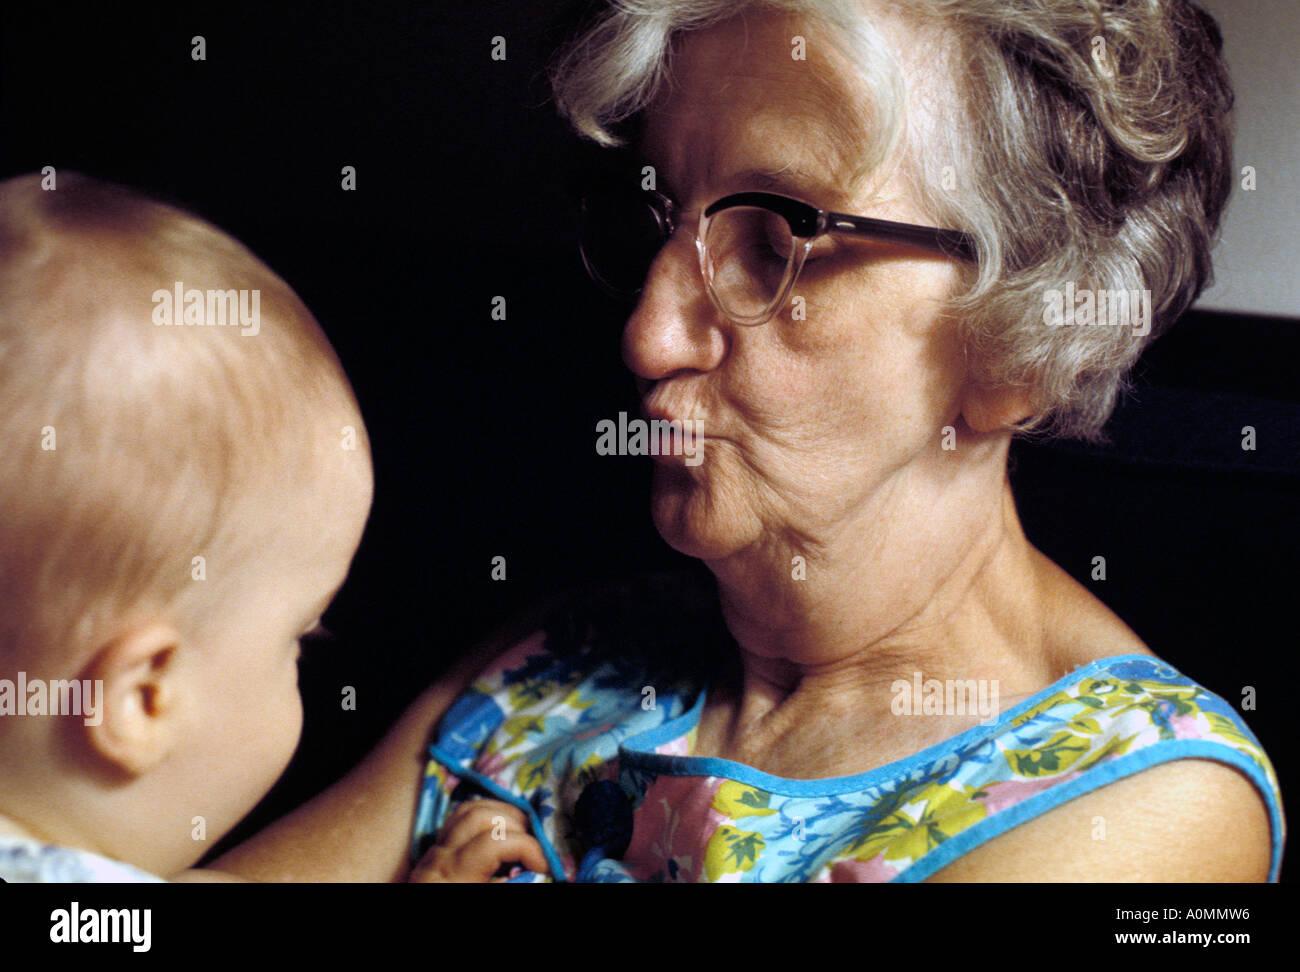 Close up grand-mère petit-fils bambin heureux bonheur joie joie sourire souriant Photo Stock